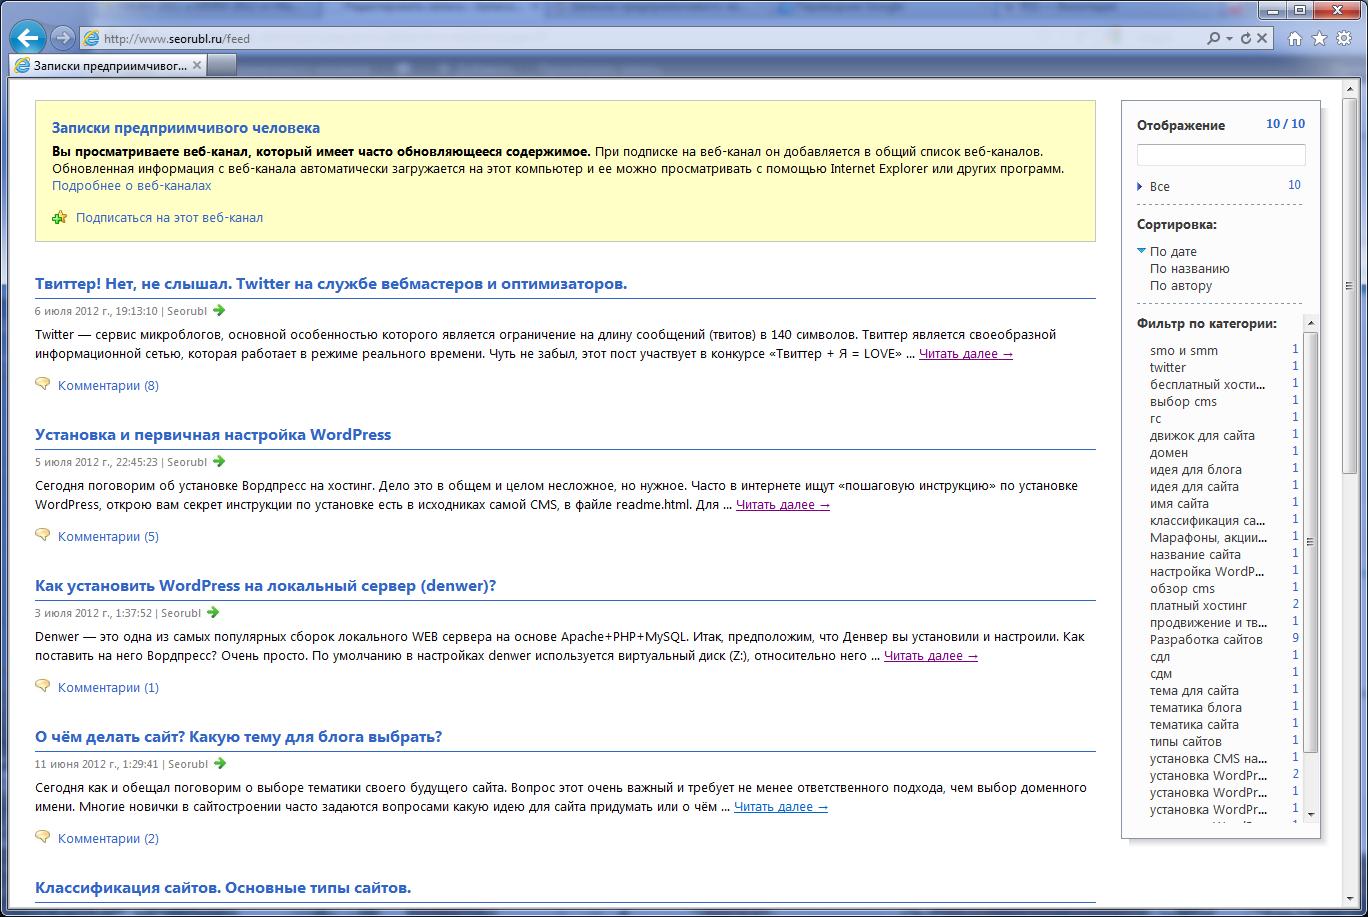 подписка на rss канал через браузер